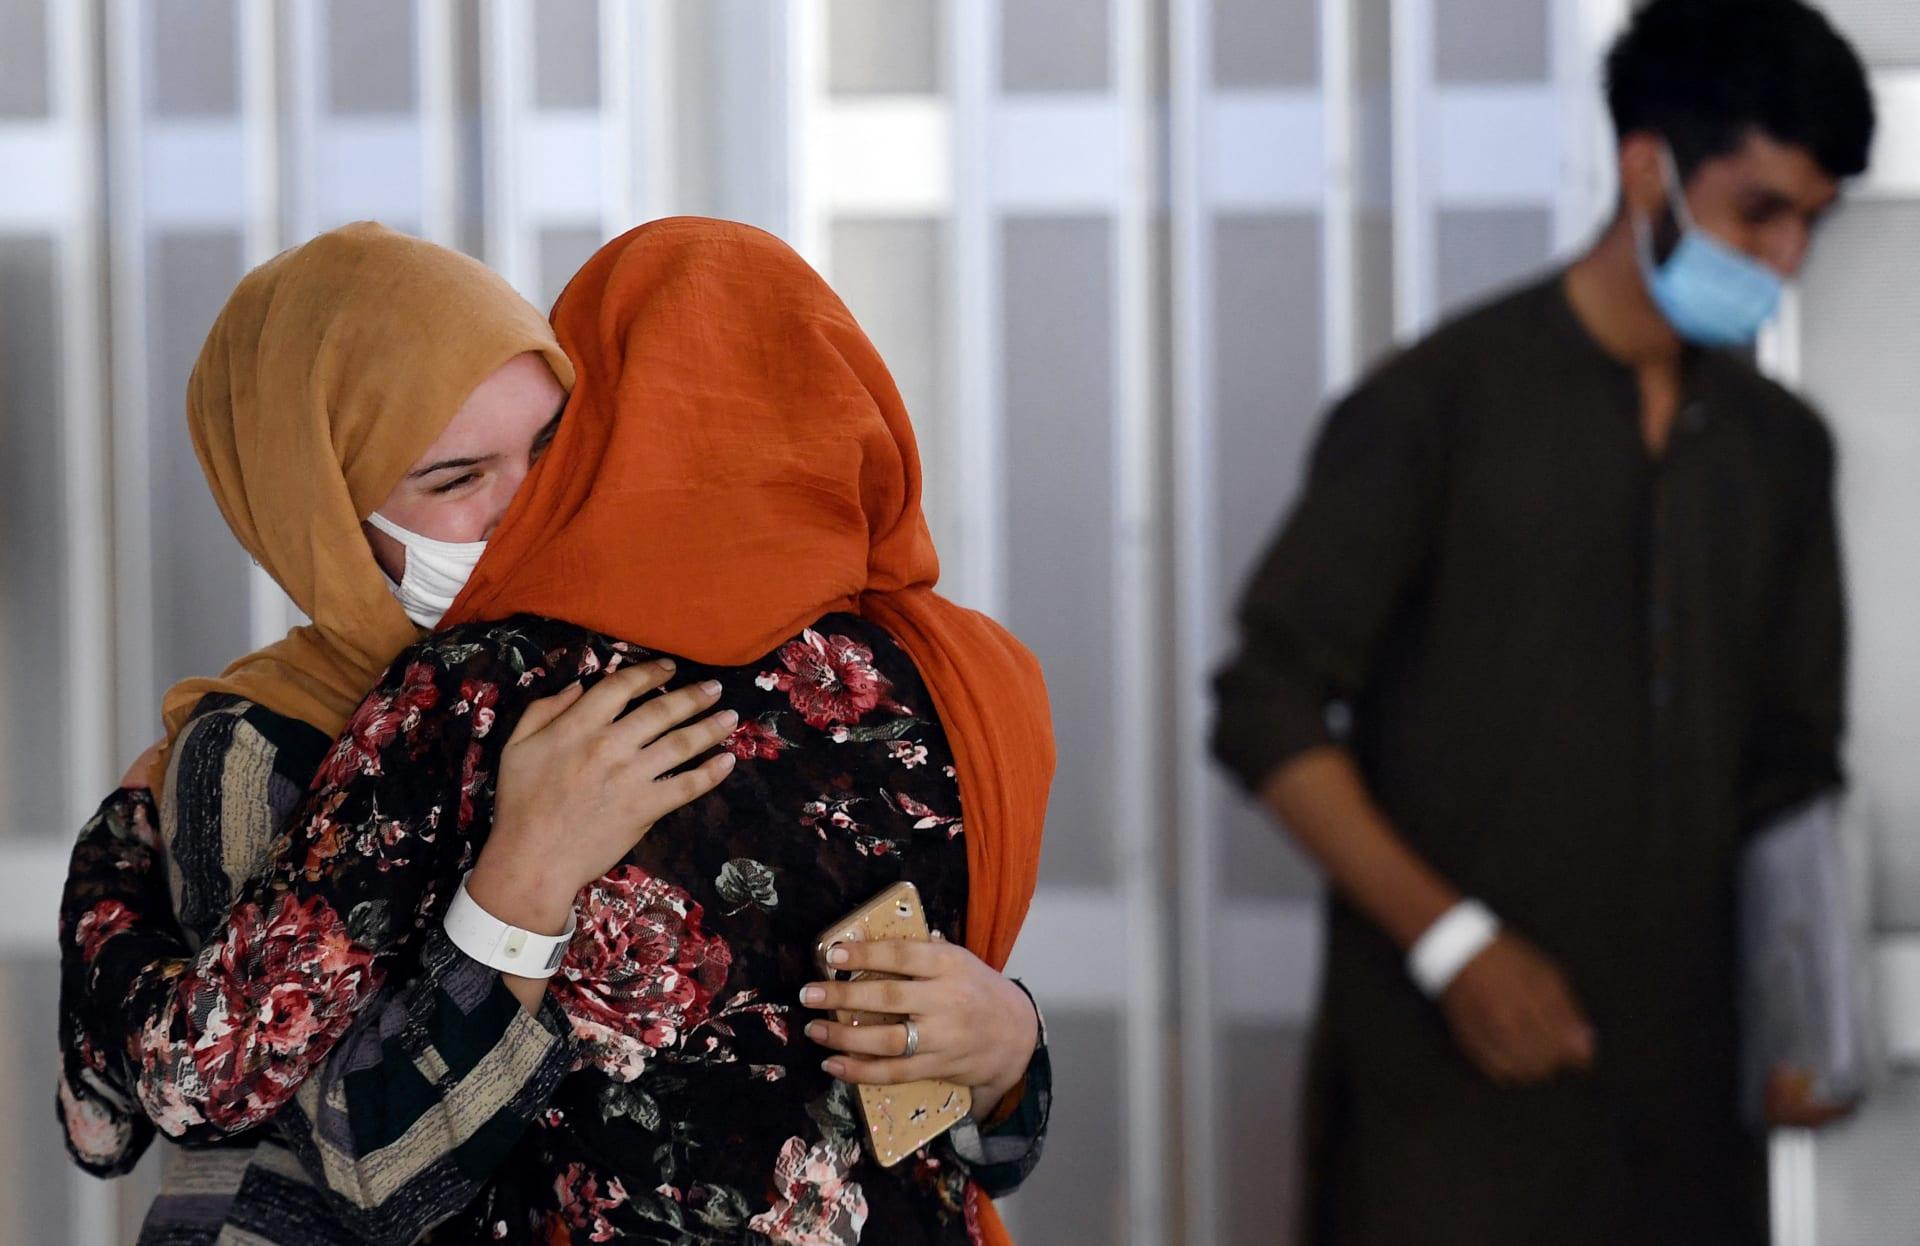 امرأة تعانق شقيقة زوجها (يسار) عند وصولها مع لاجئين أفغان آخرين على متن رحلة في مطار دالاس الدولي في شانتيلي، فيرجينيا في 23 أغسطس 2021.